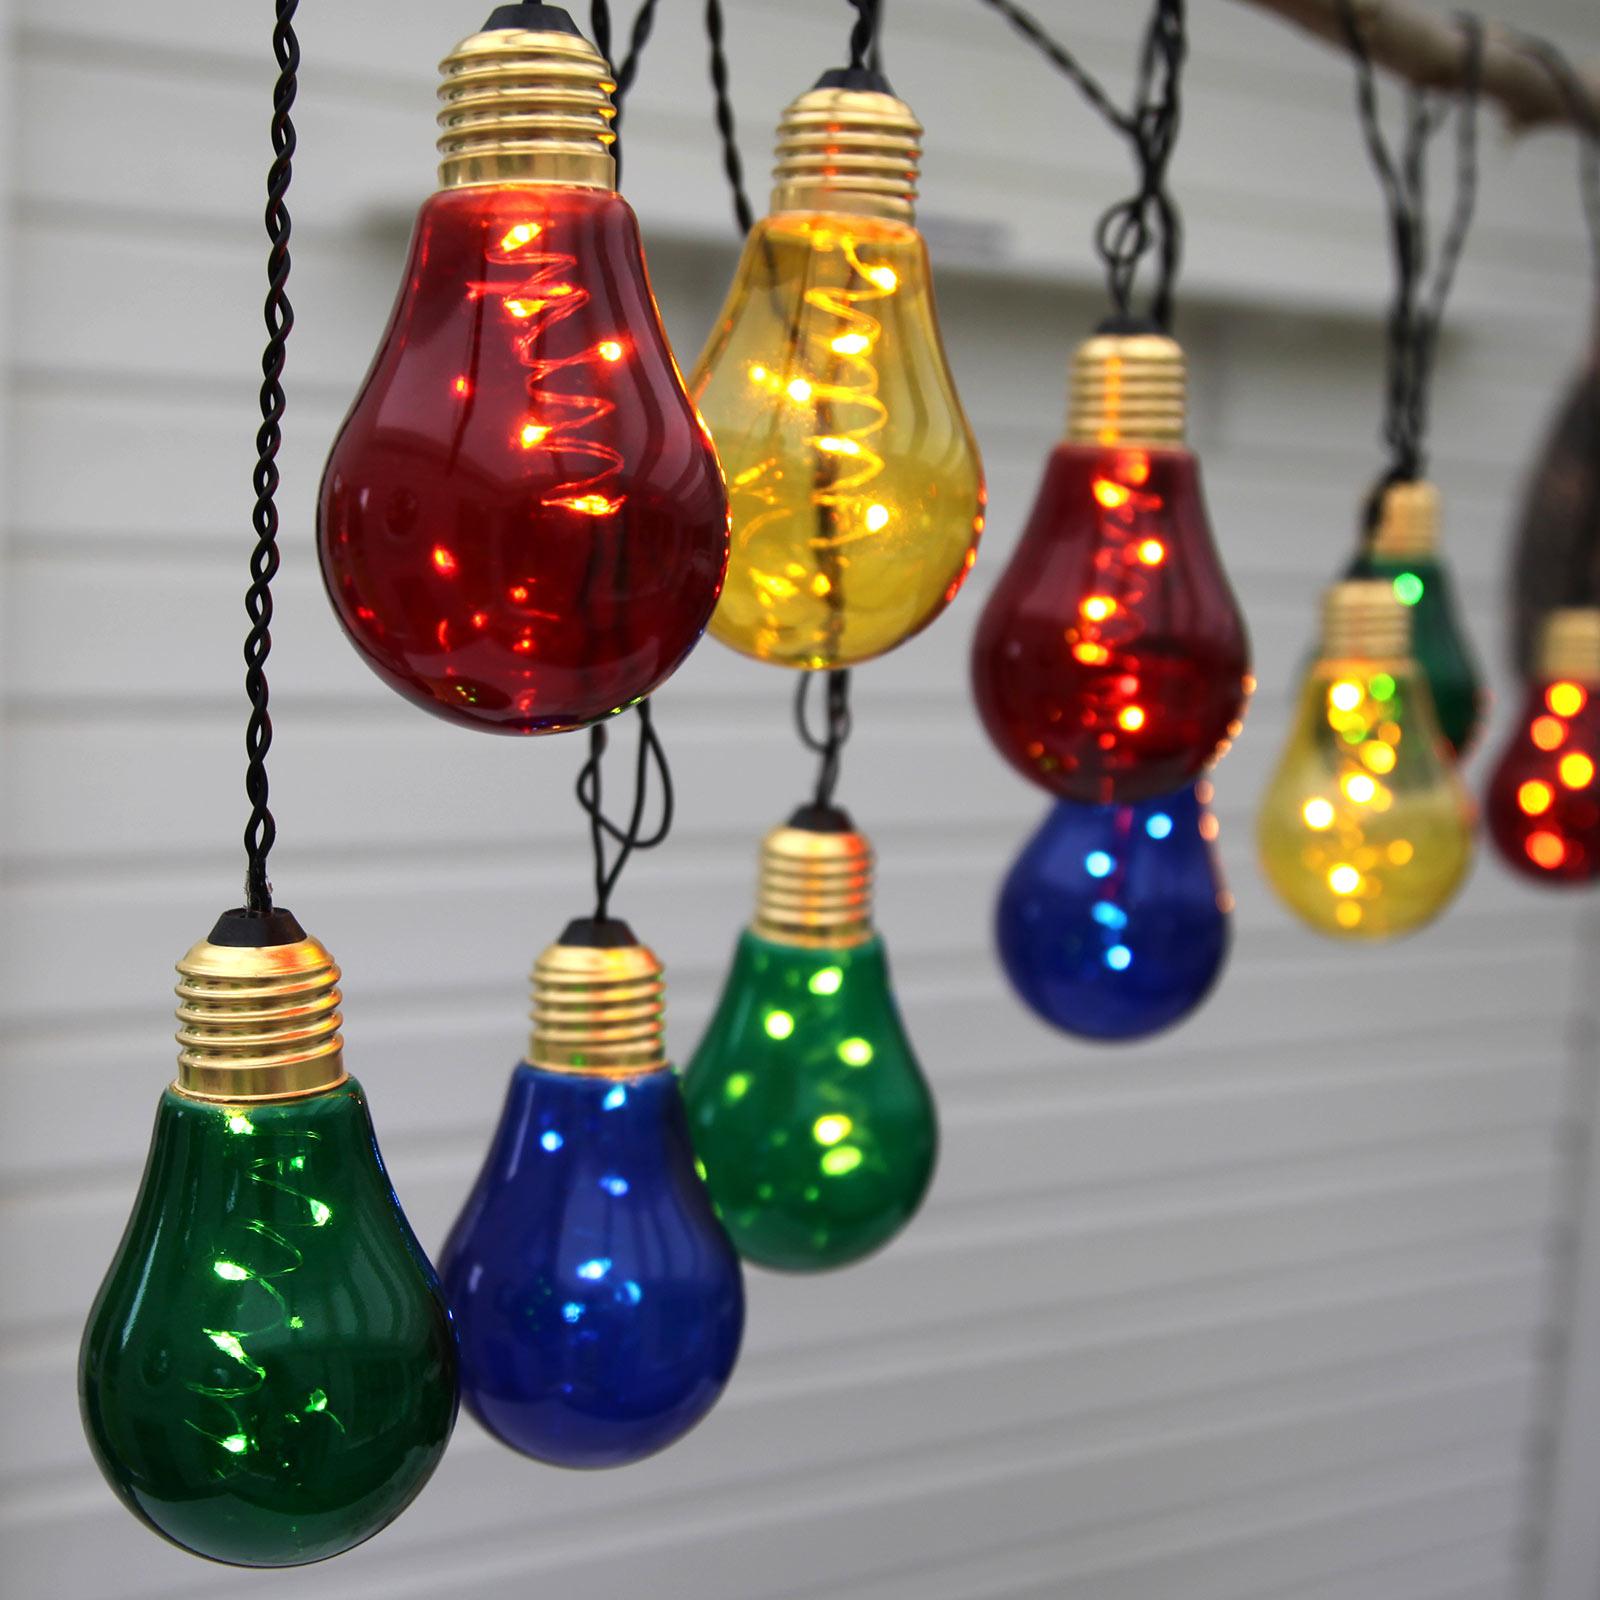 Best Season Glow LED světelný řetěz s 10 barevnými žárovkami